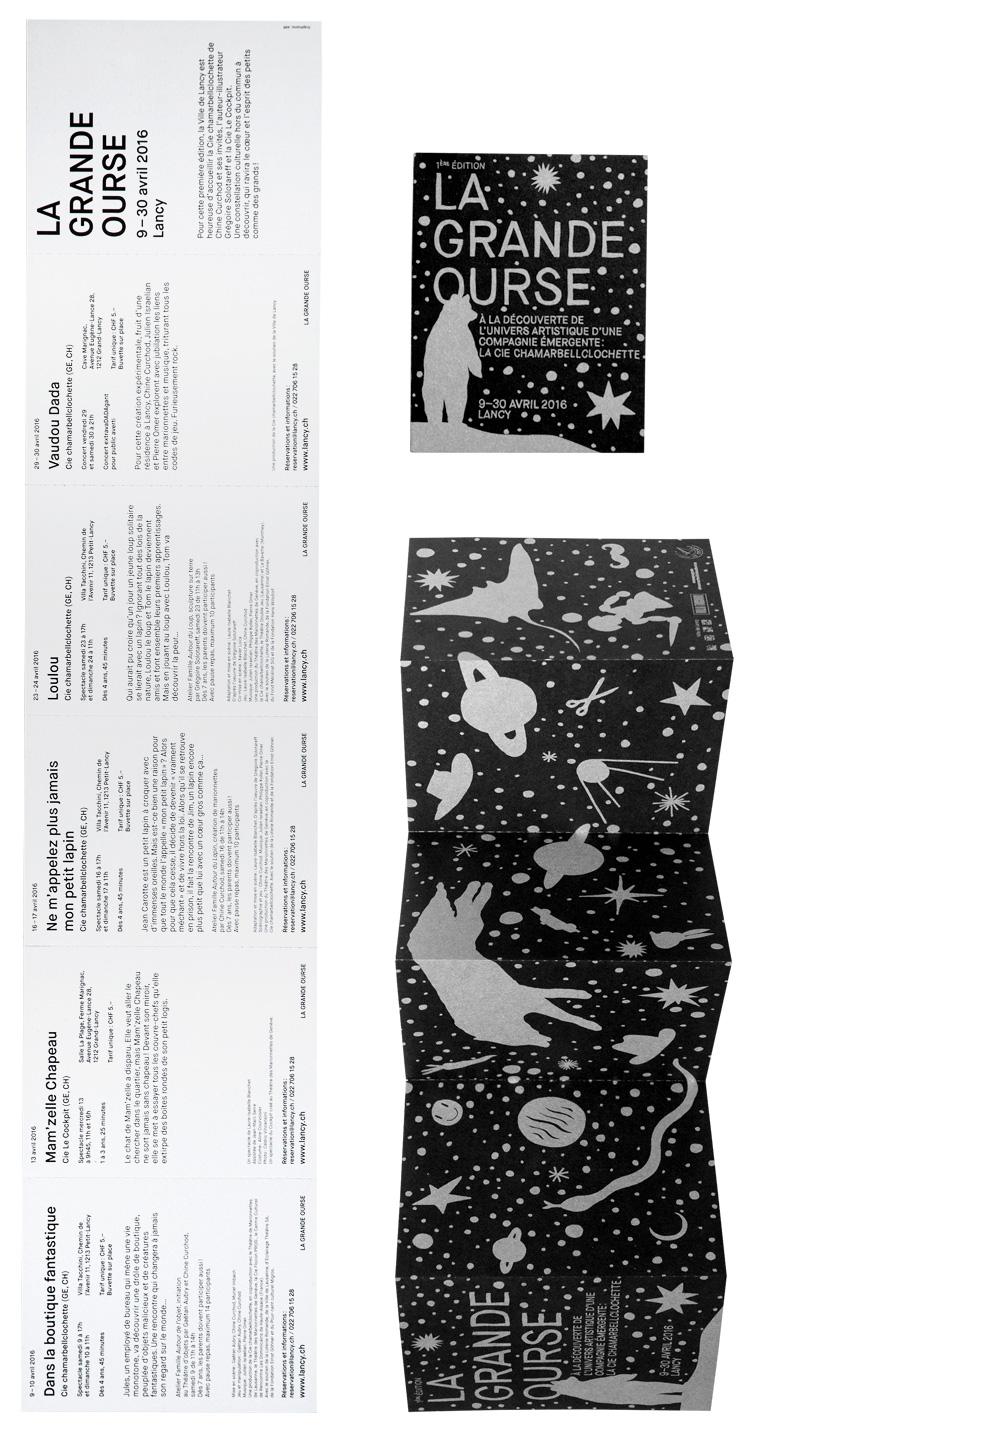 AMI-grande-ourse-flyer